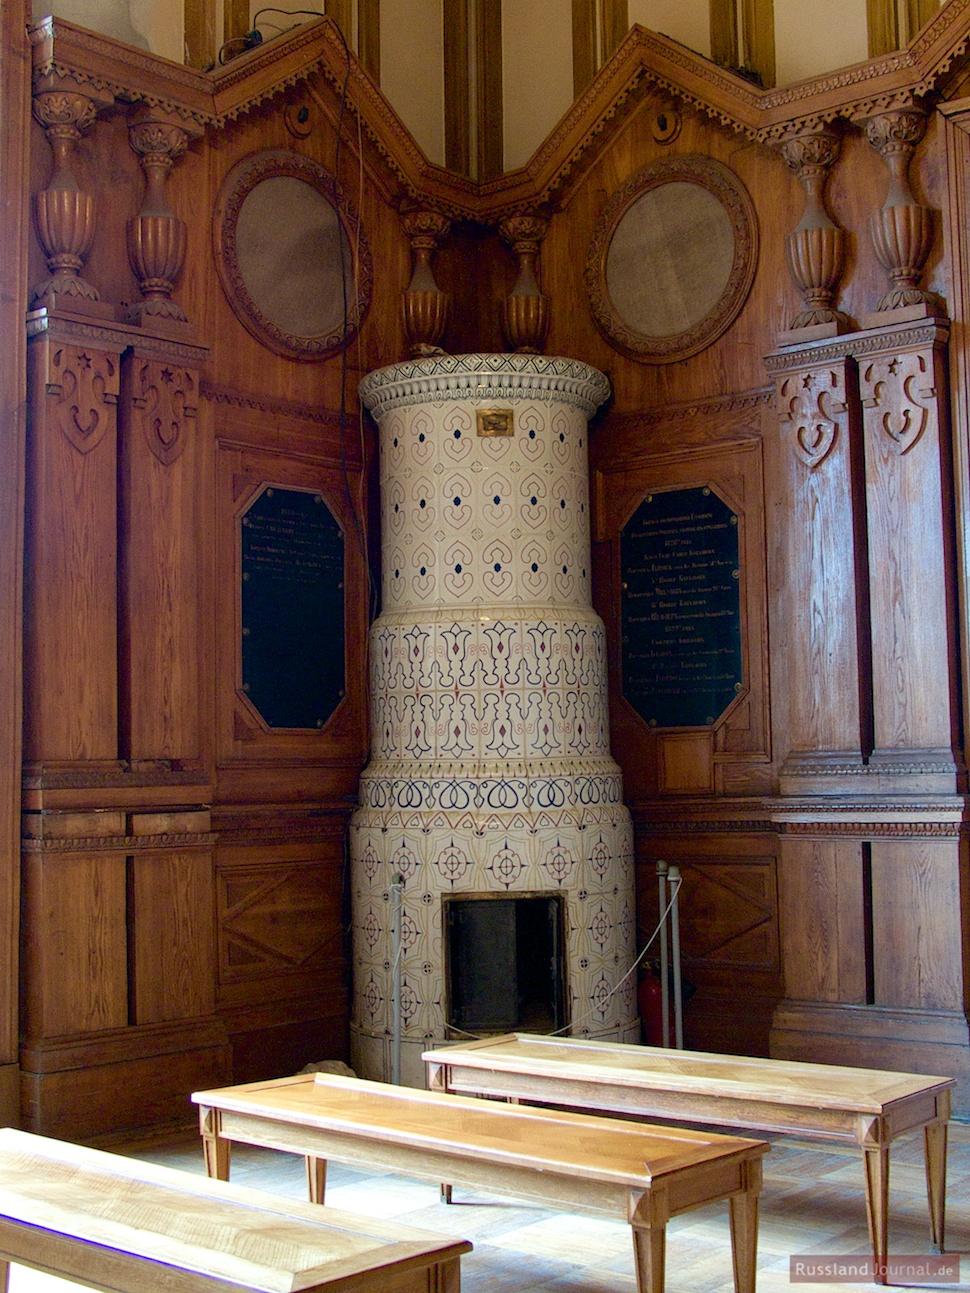 Kachelofen in der Kirche der Heiligen Apostel Peter und Paul